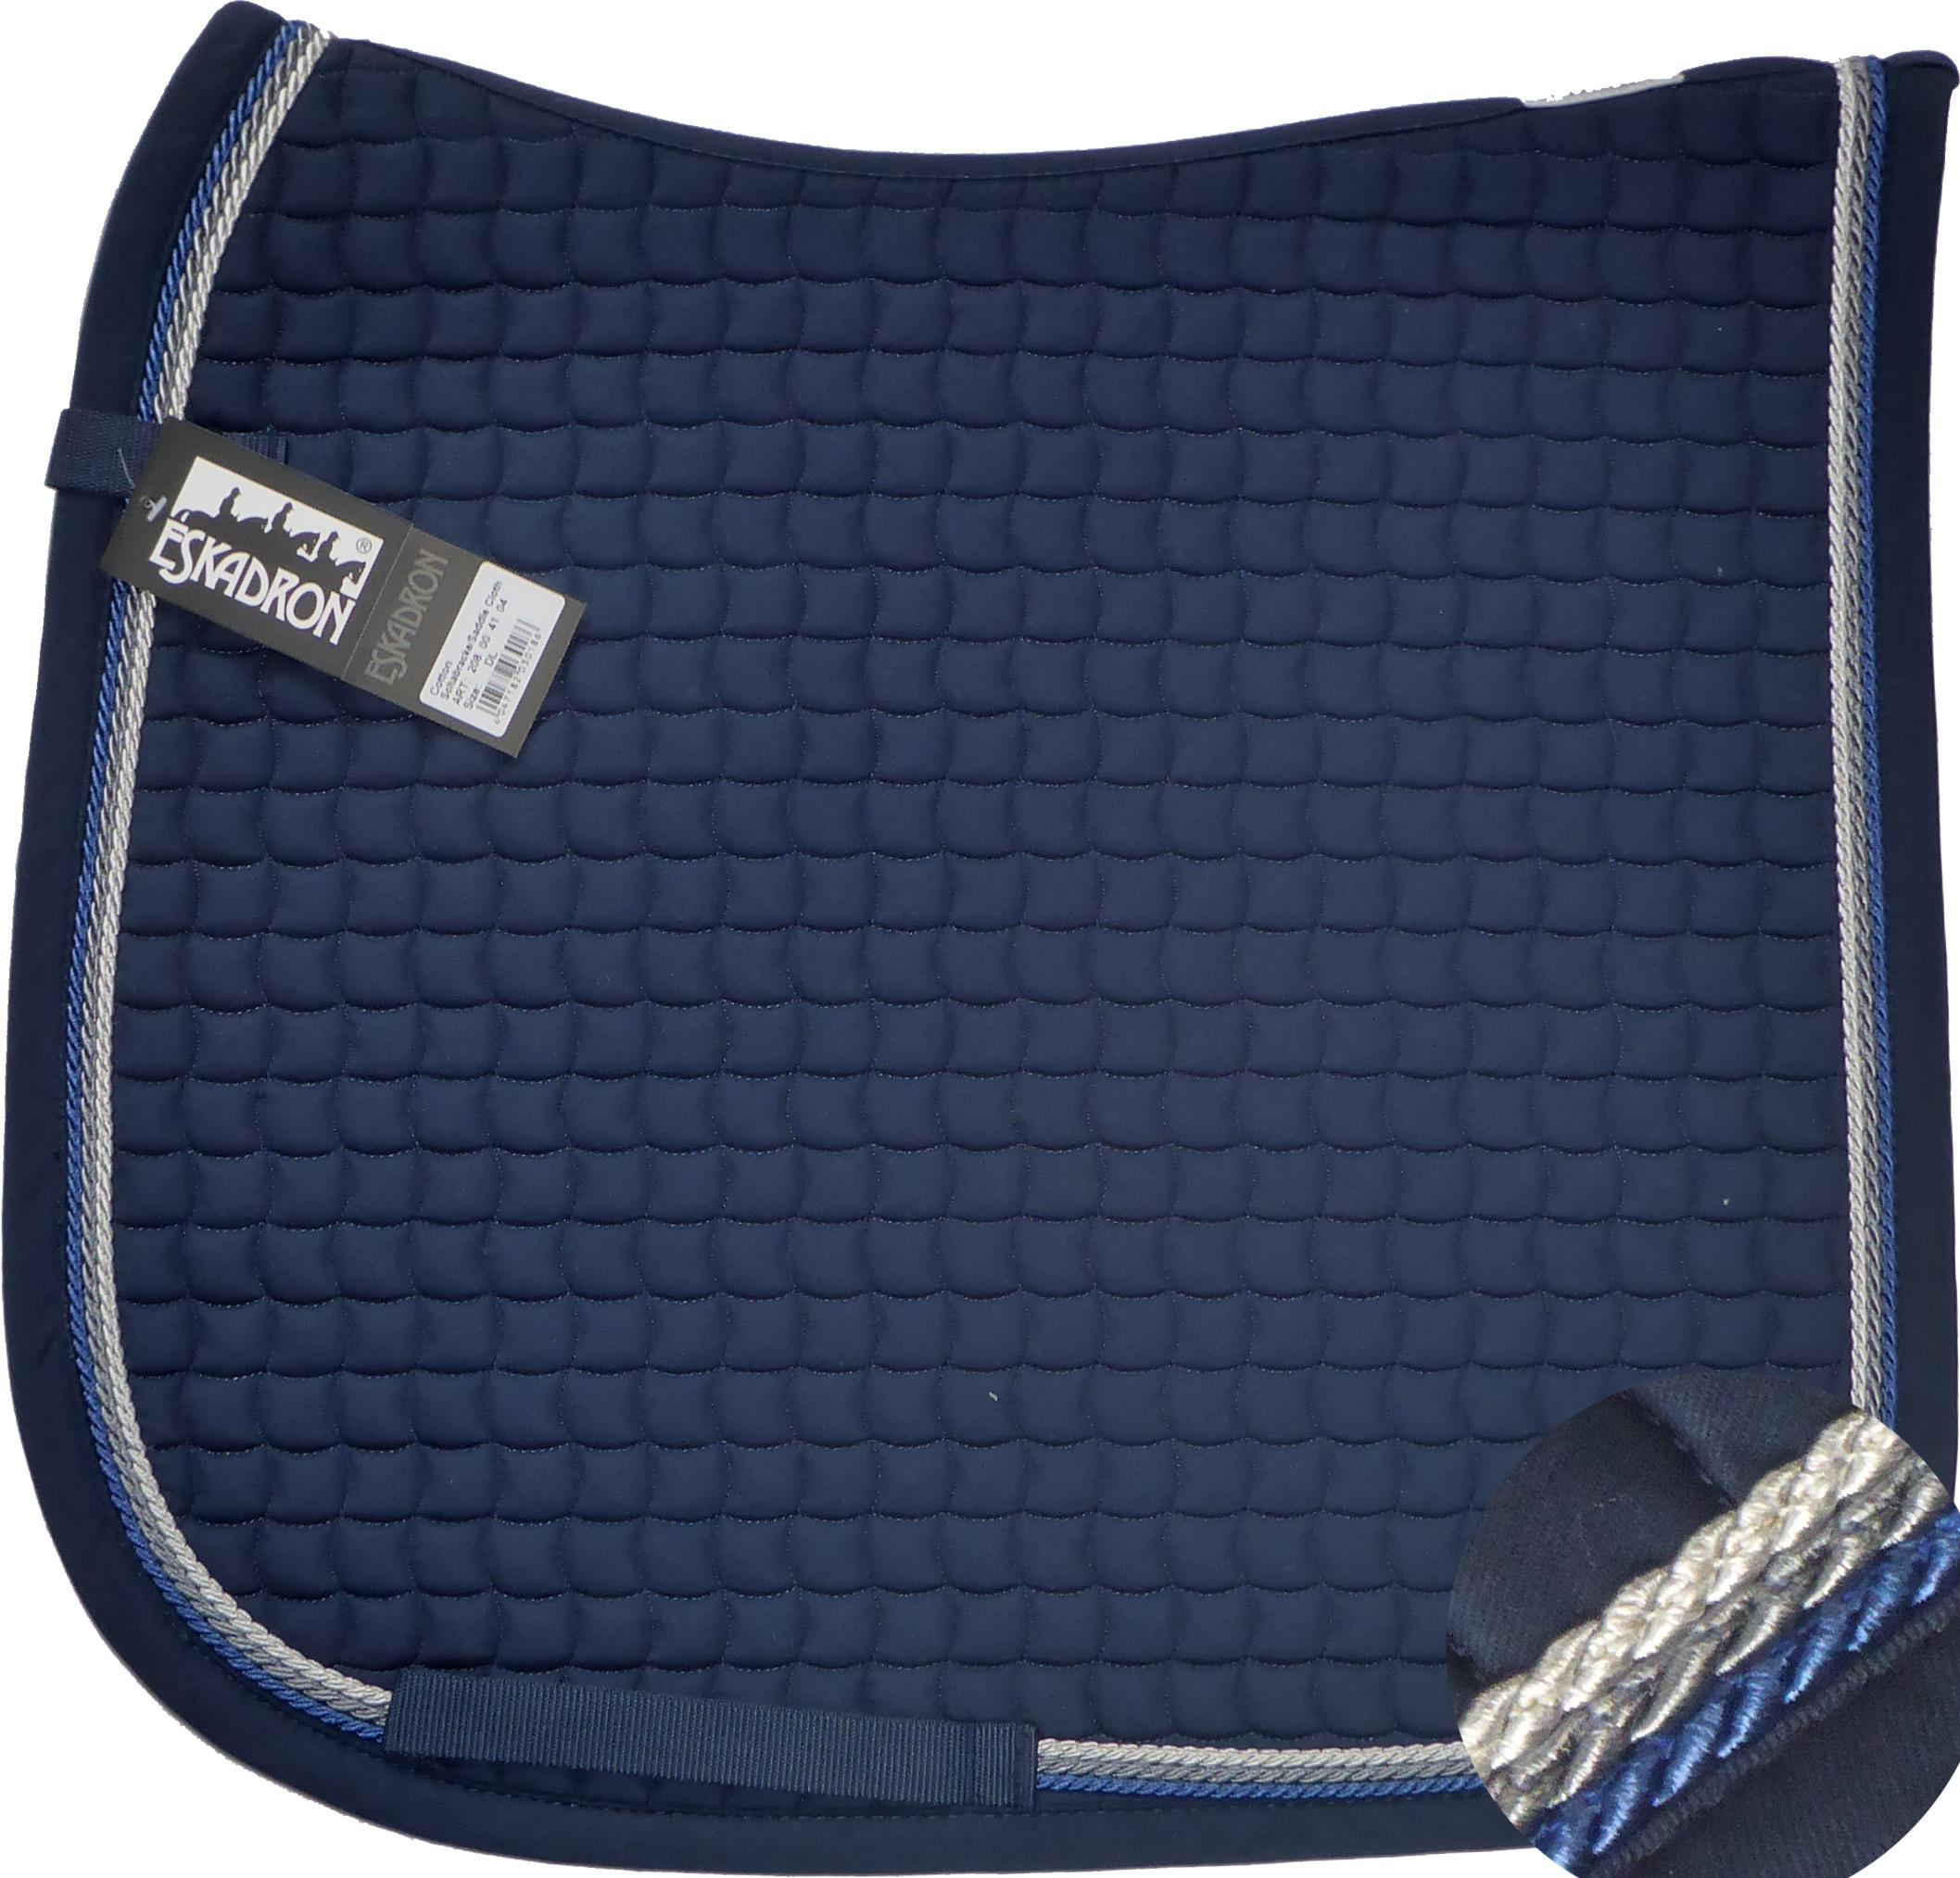 ESKADRON Cotton Schabracke navy, 3fach Kordel jeans,anthrazit,silberfarben